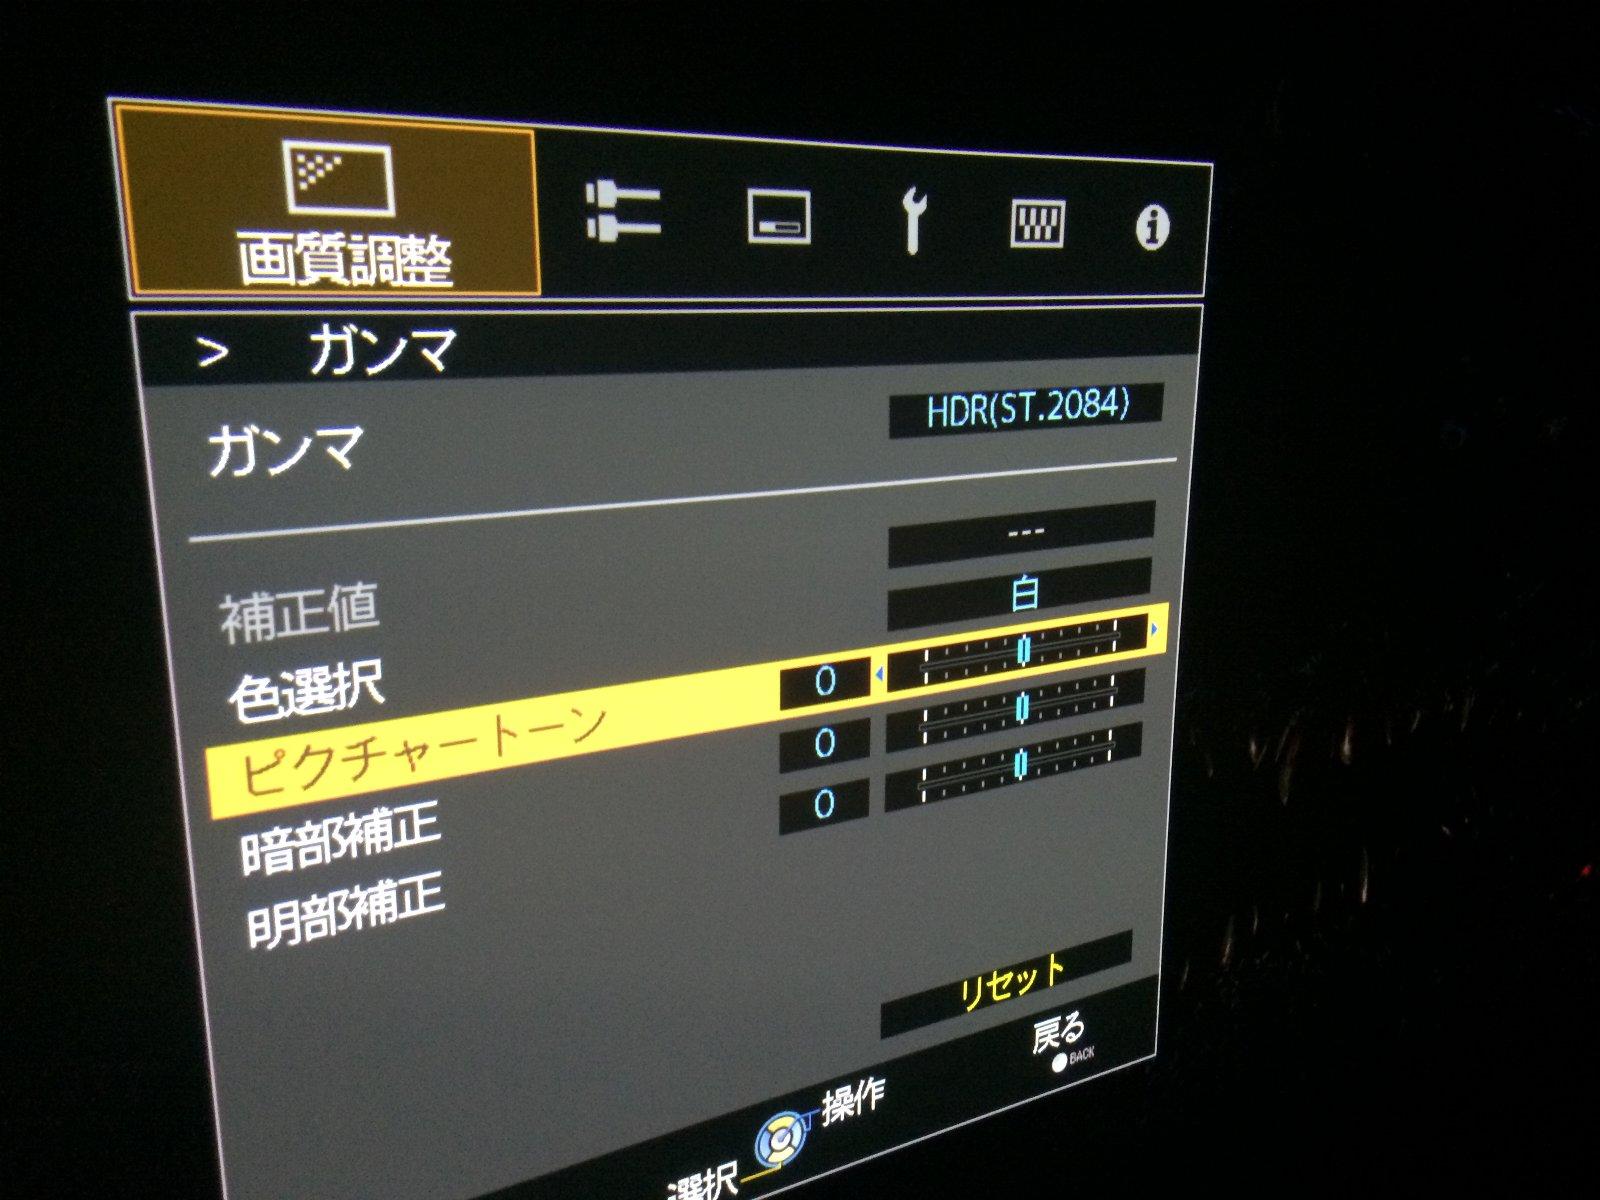 DLA-X990R ピクチャートーン